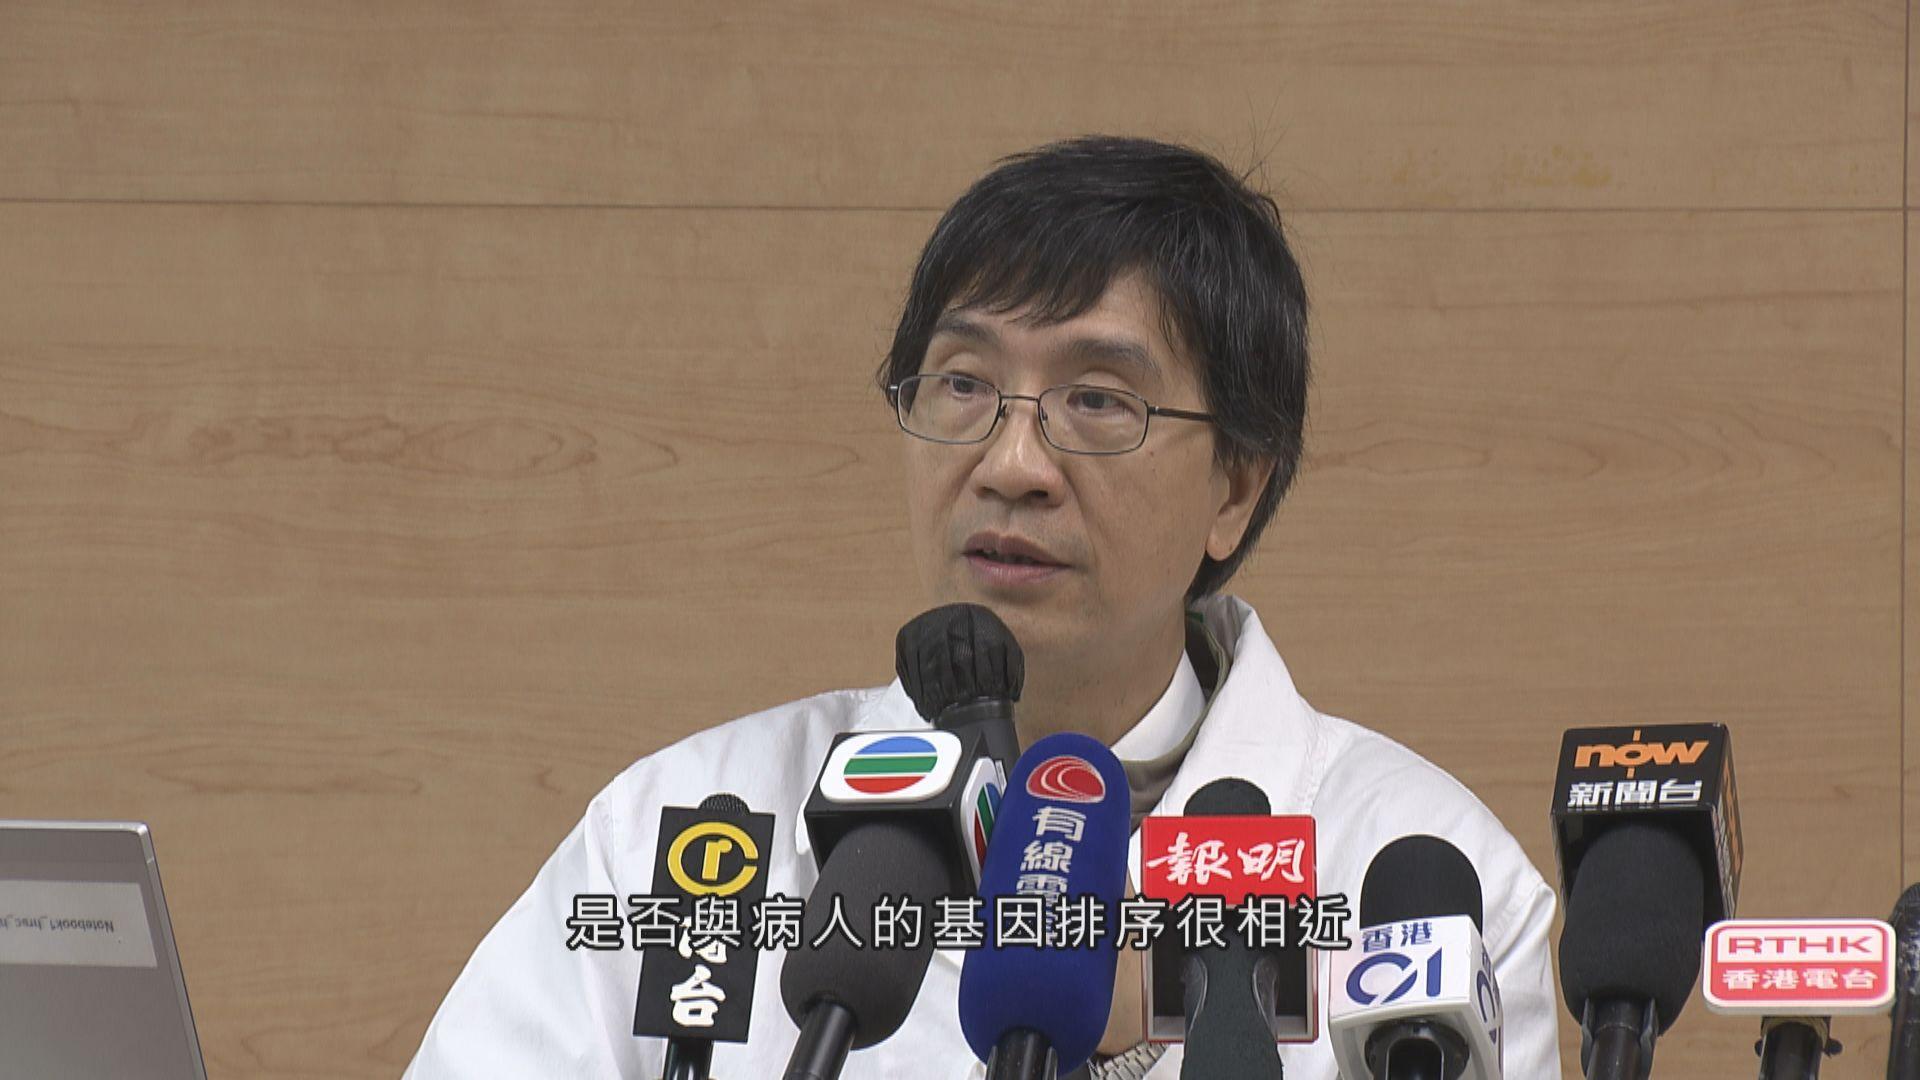 袁國勇:大鼠戊型肝炎社區感染個案或被低估